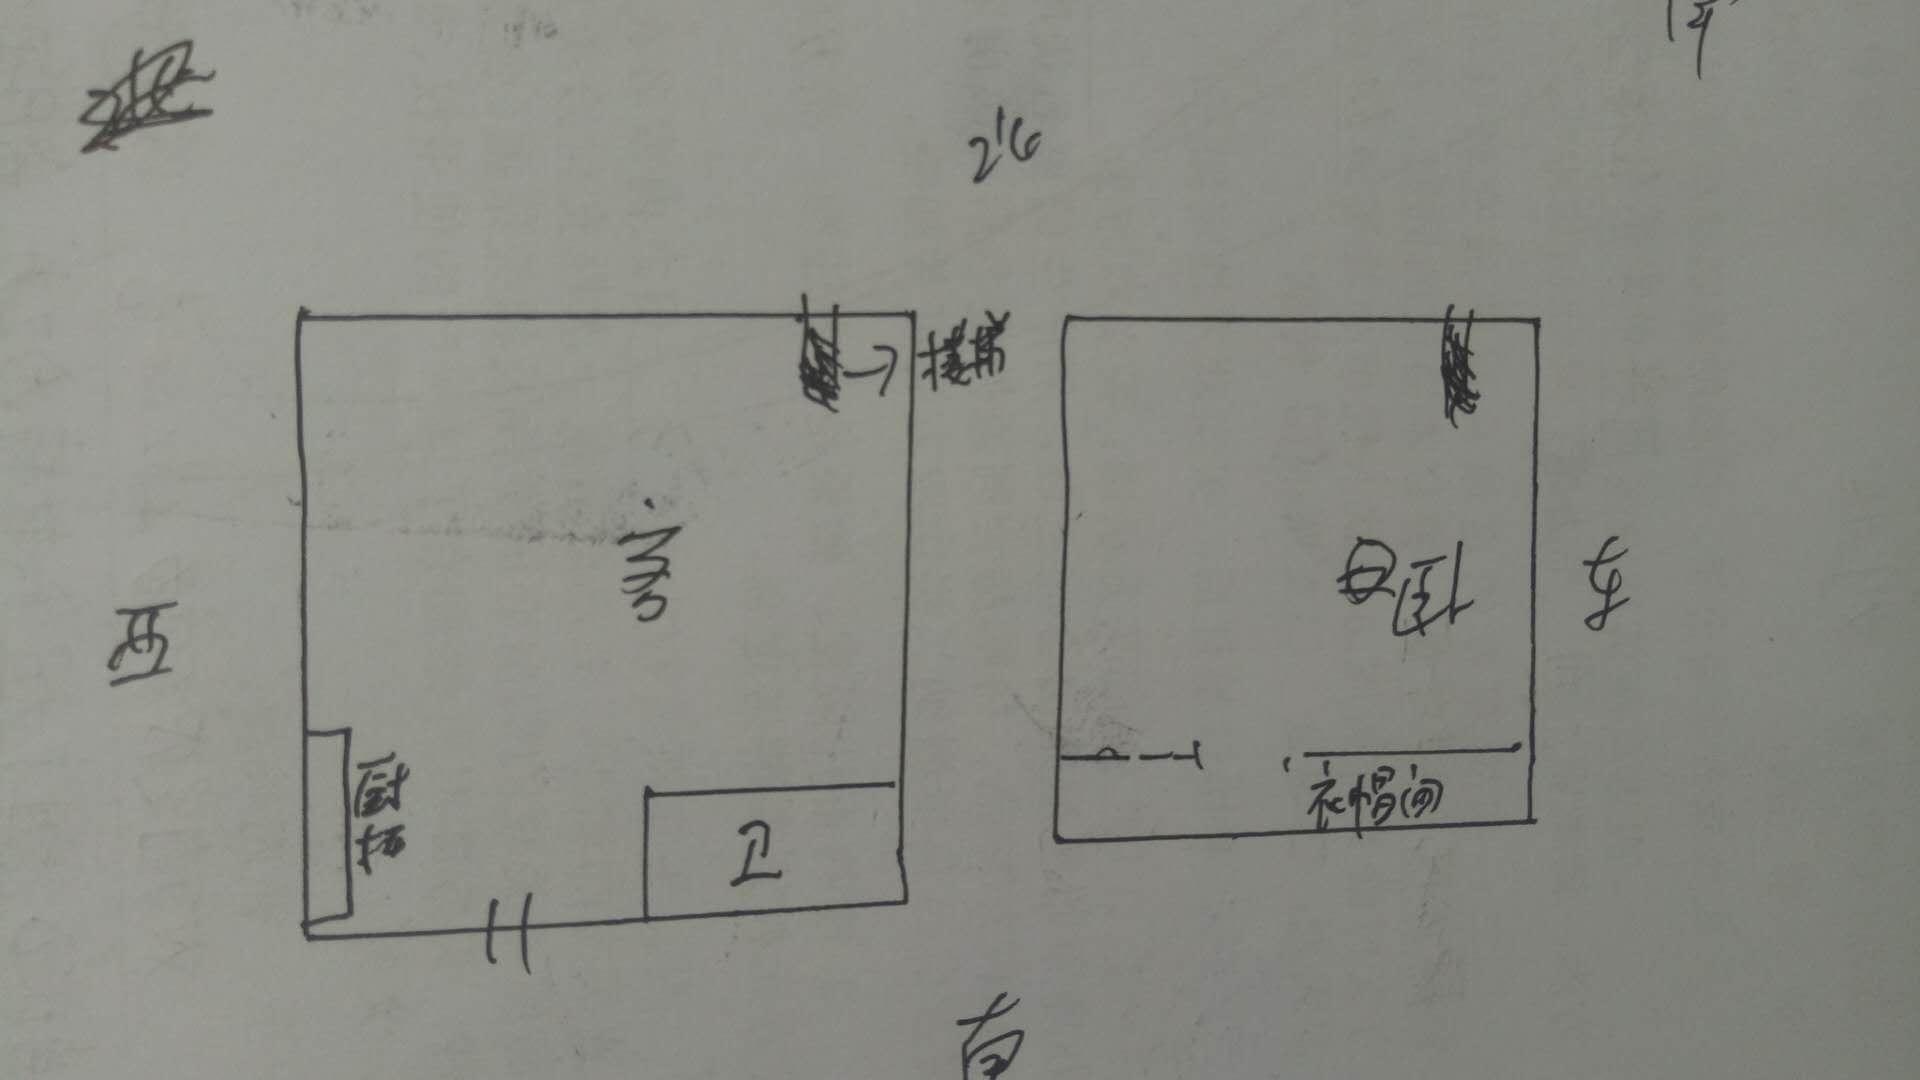 唐人D区(公寓)LOFT 1室1厅 19楼